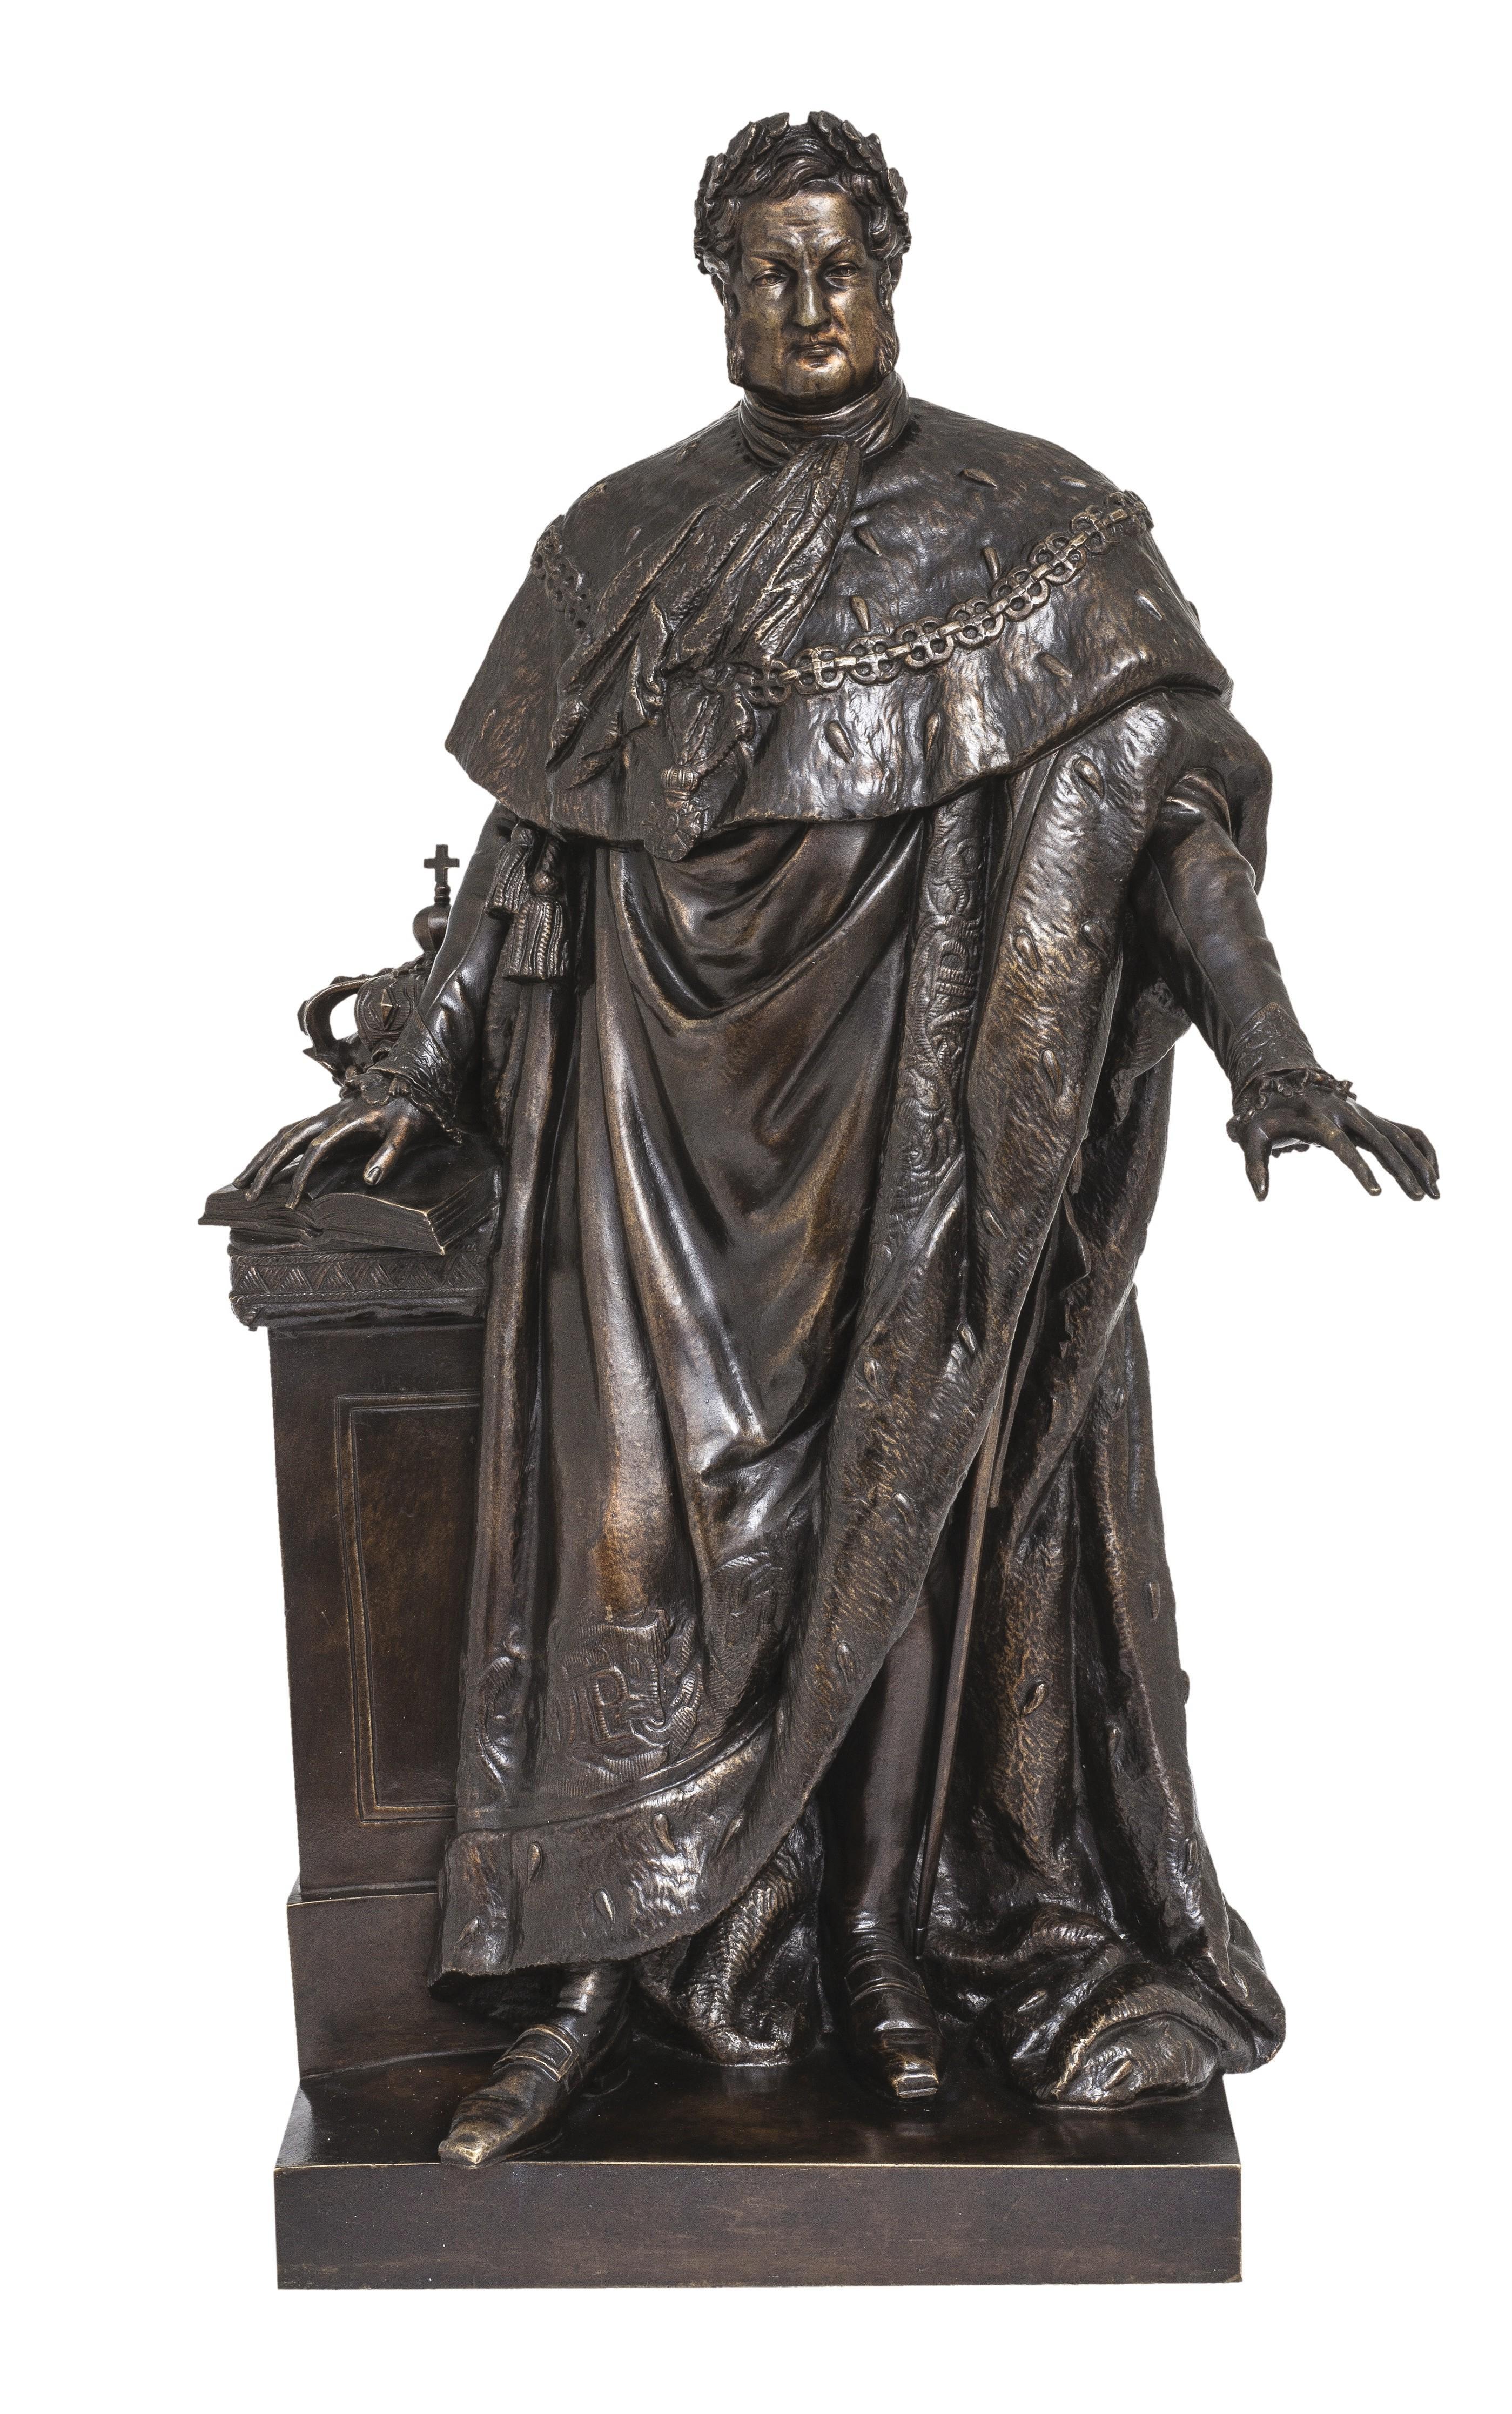 Jean-François- Théodore Gechter, Portrait de Louis-Philippe Ier, v. 1840-1848, bronze à patine brune, 42 x 24 x 21 cm, musée des Arts décoratifs, Paris.